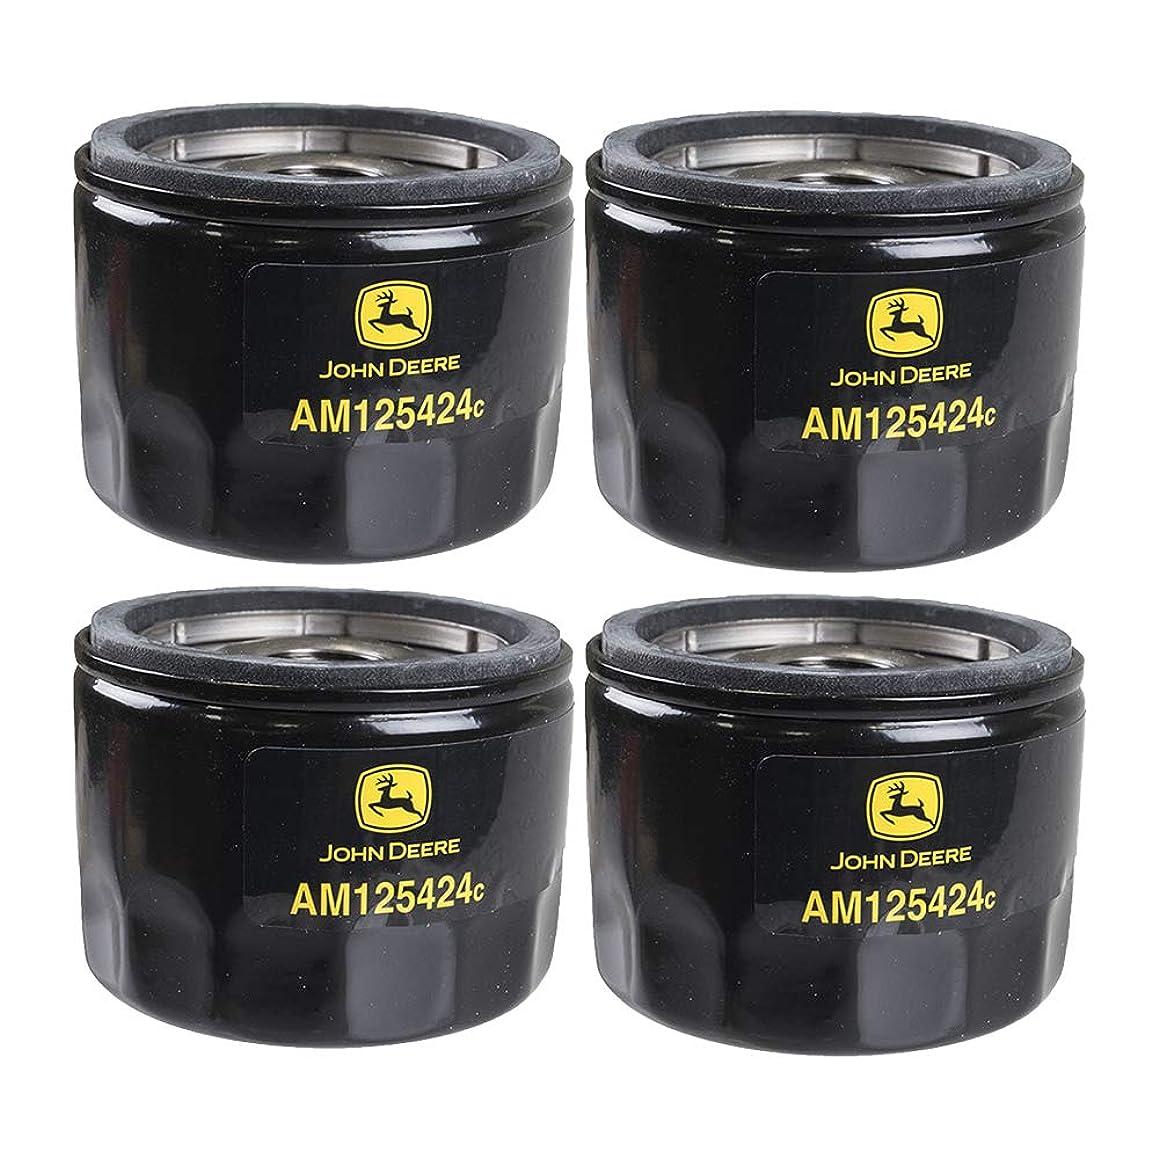 John Deere Original Equipment Oil Filter #AM125424 (Qty 4)